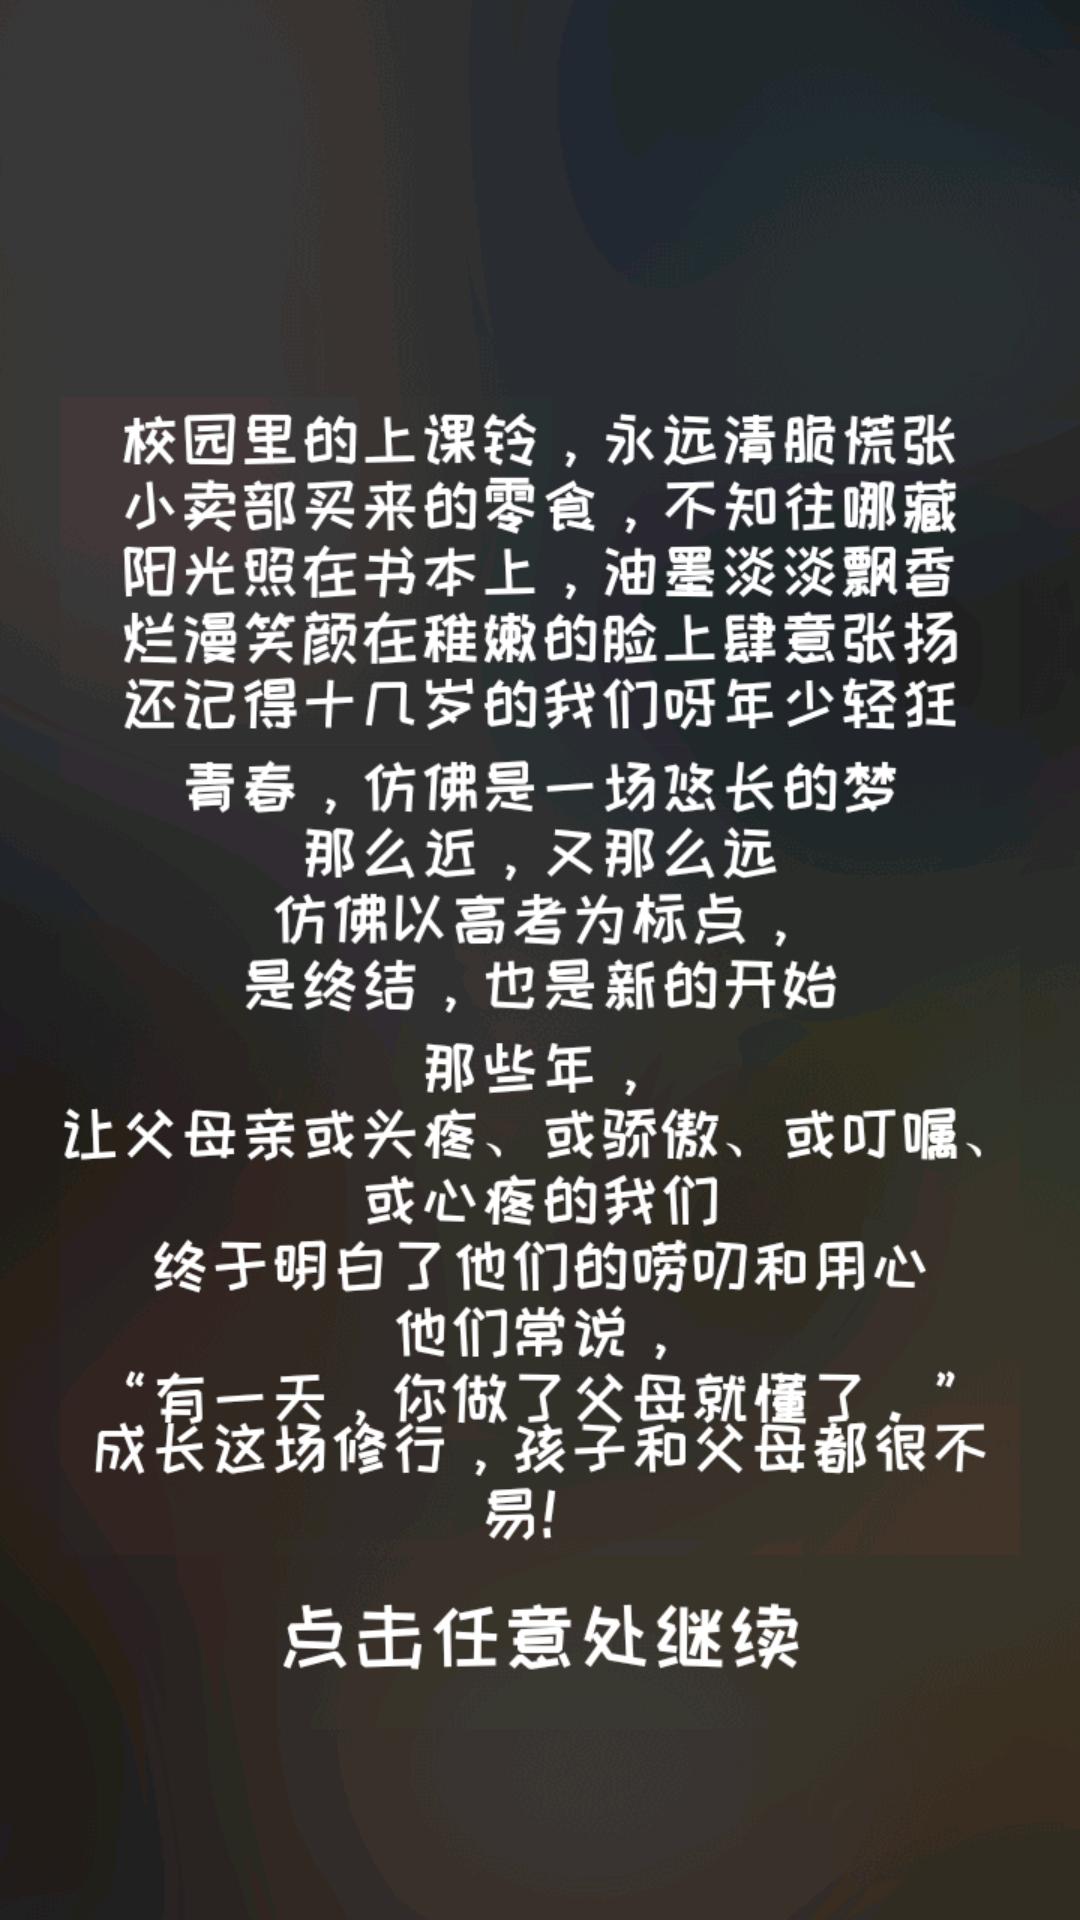 中国式成长破解版(2)